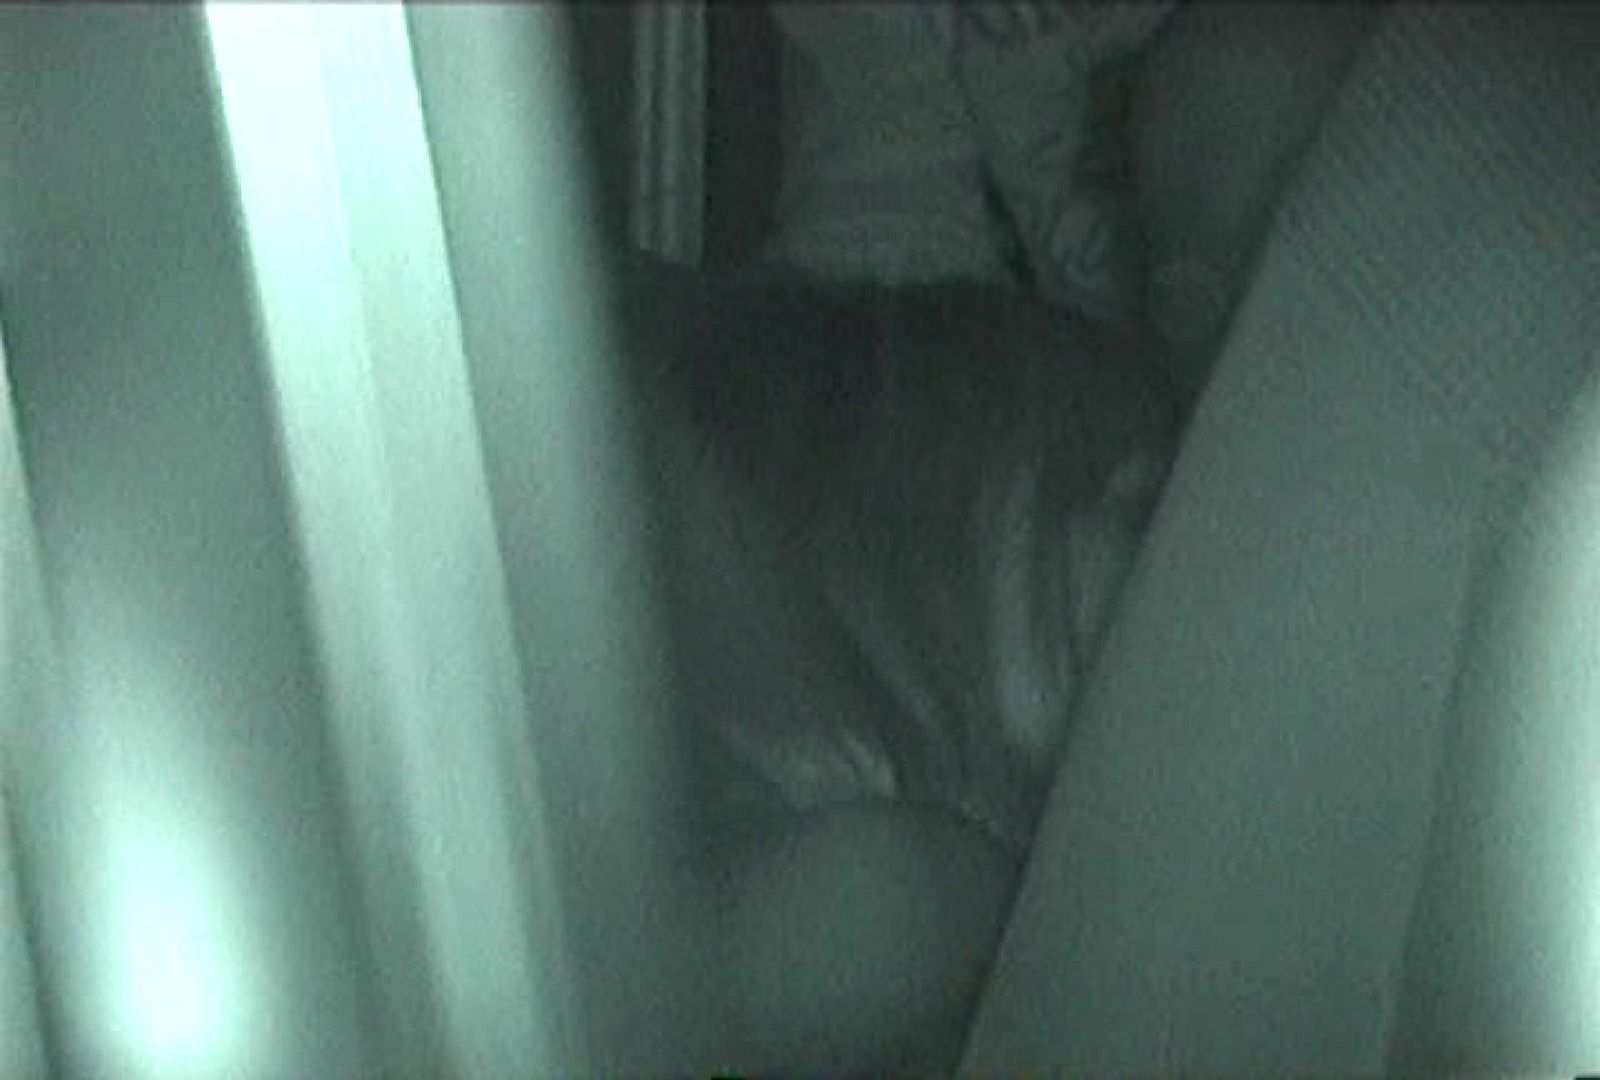 充血監督の深夜の運動会Vol.96 エロティックなOL オマンコ動画キャプチャ 106画像 47